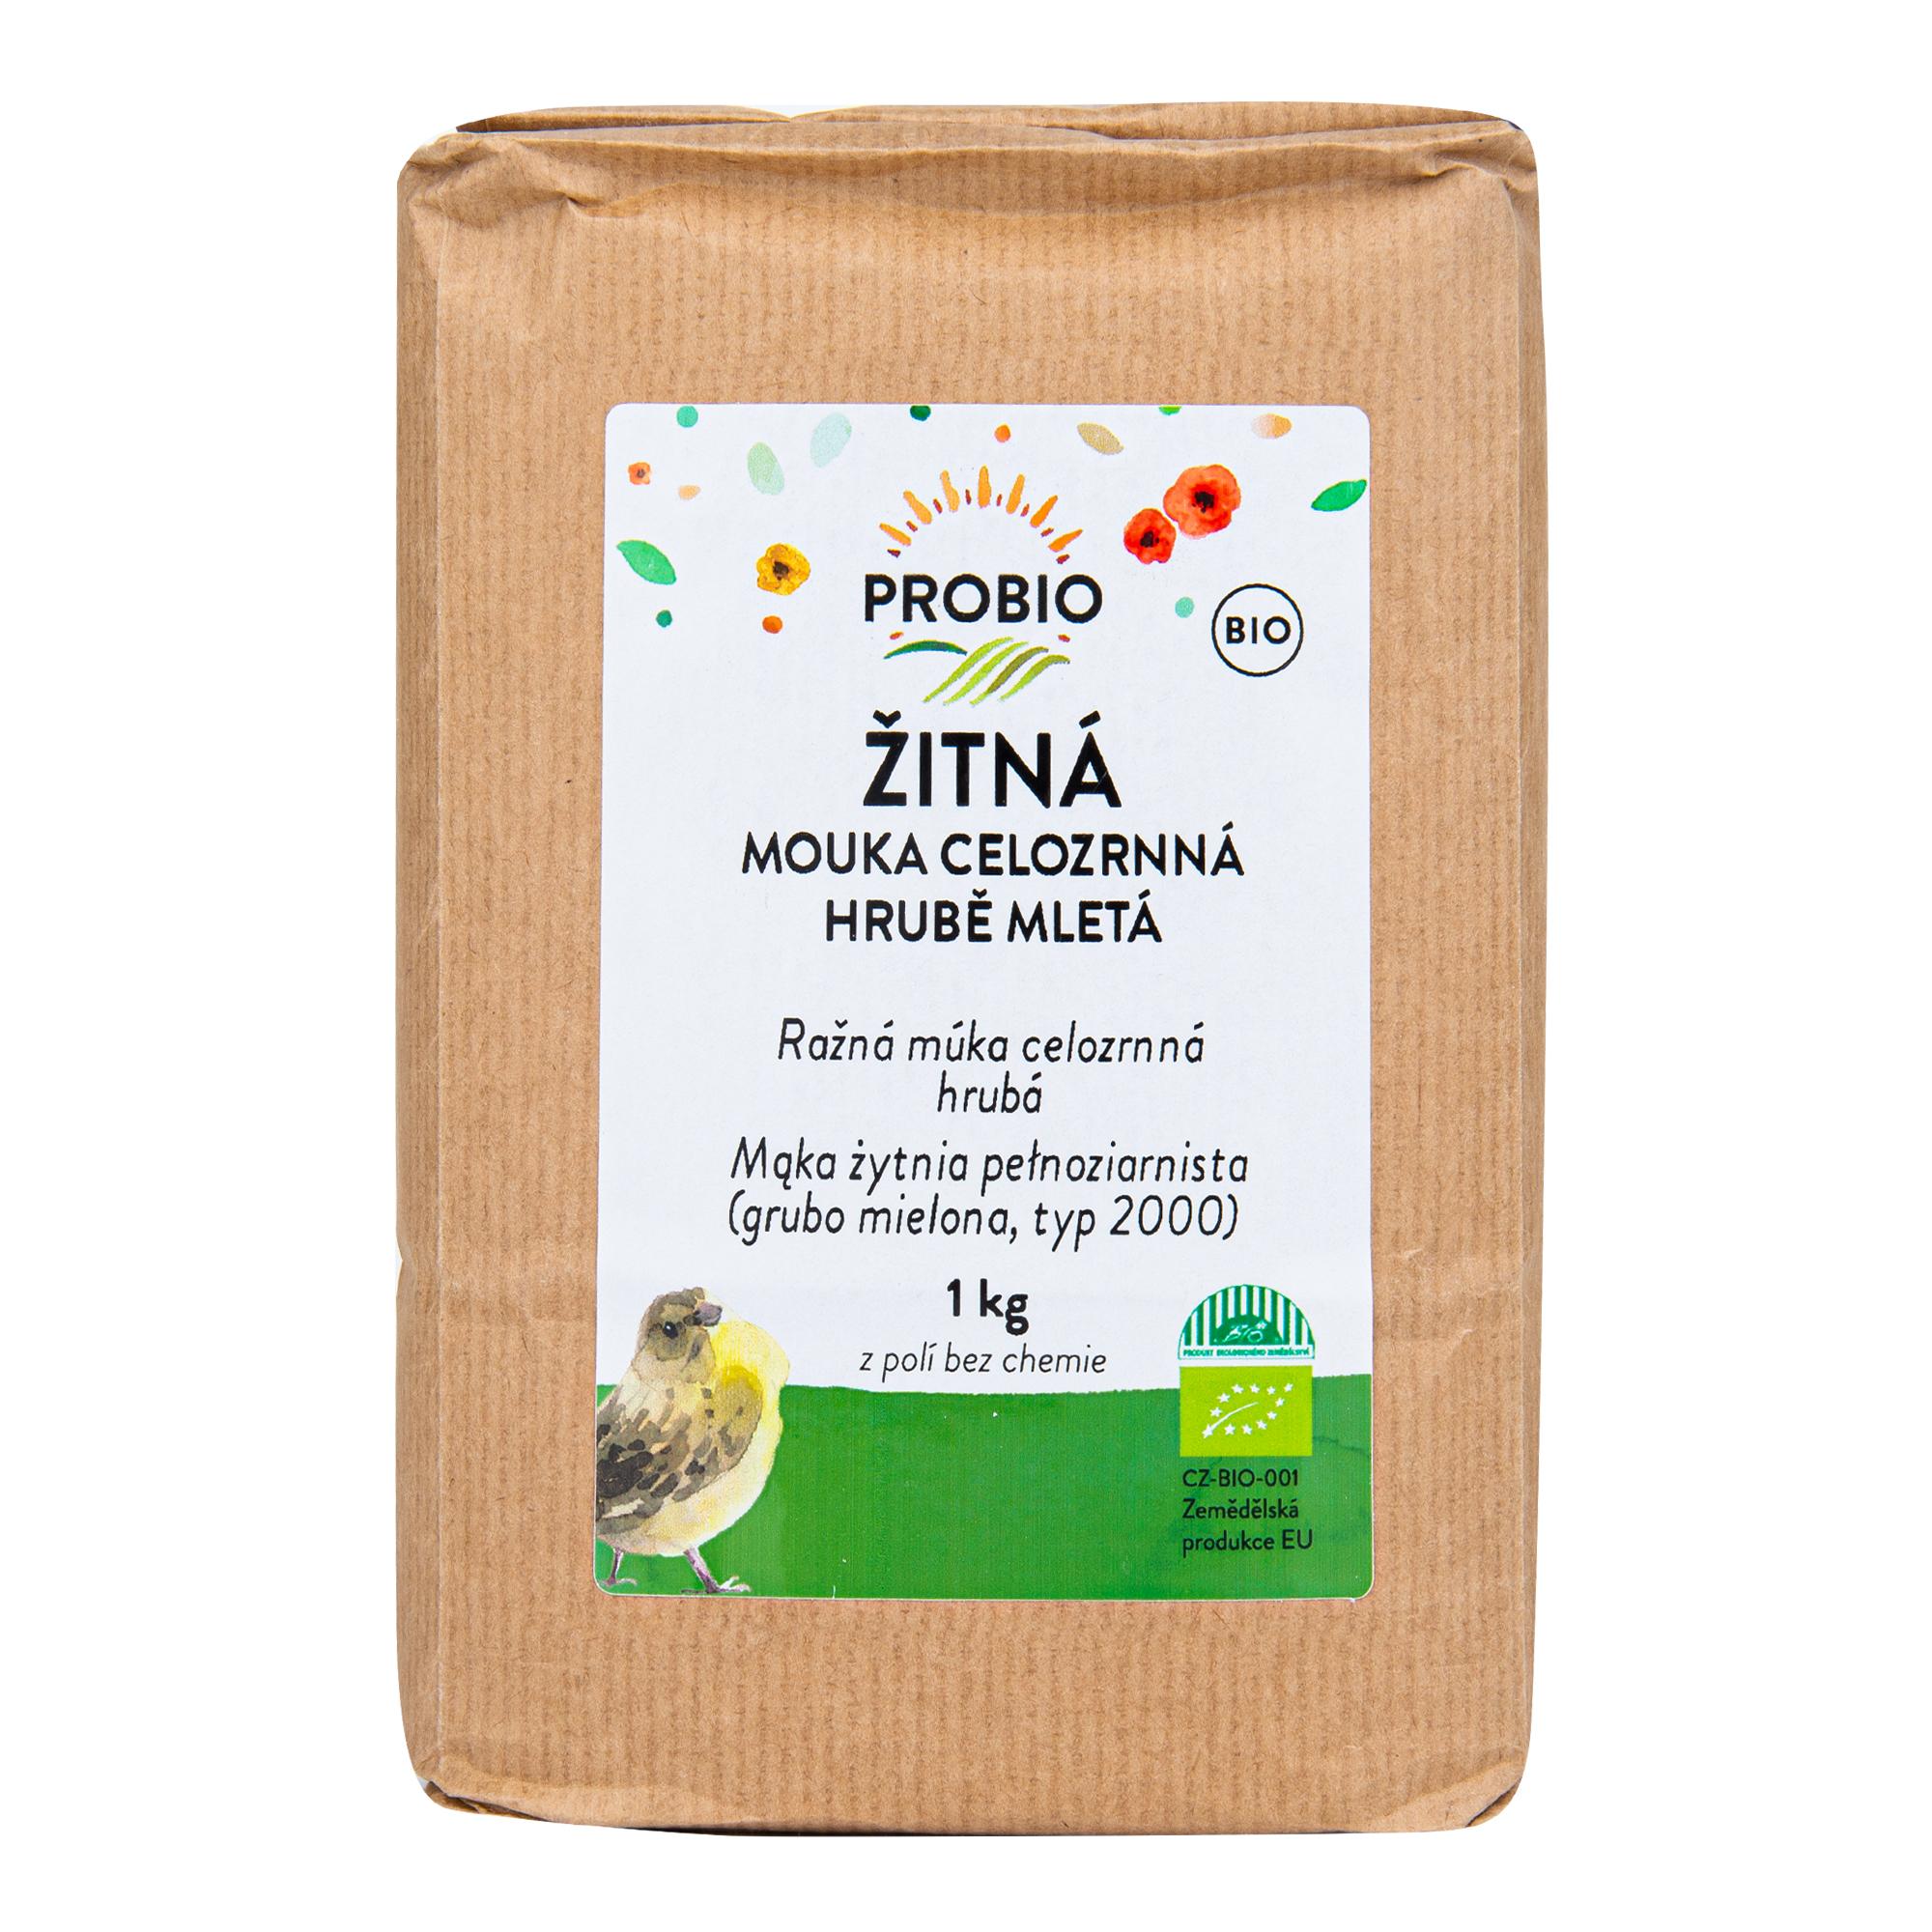 Mouka žitná celozrnná hrubě mletá 1kg BIO    PROBIO